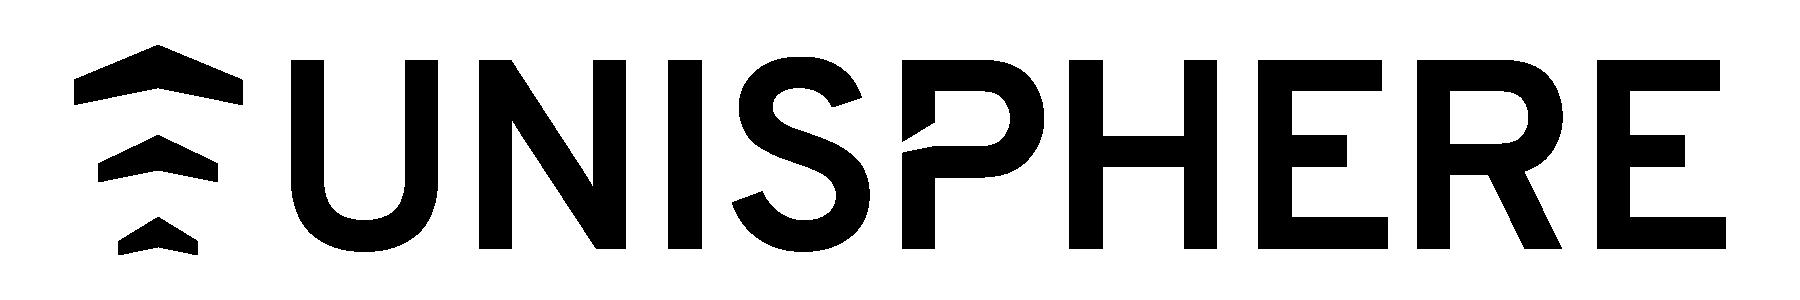 Unisphere GmbH